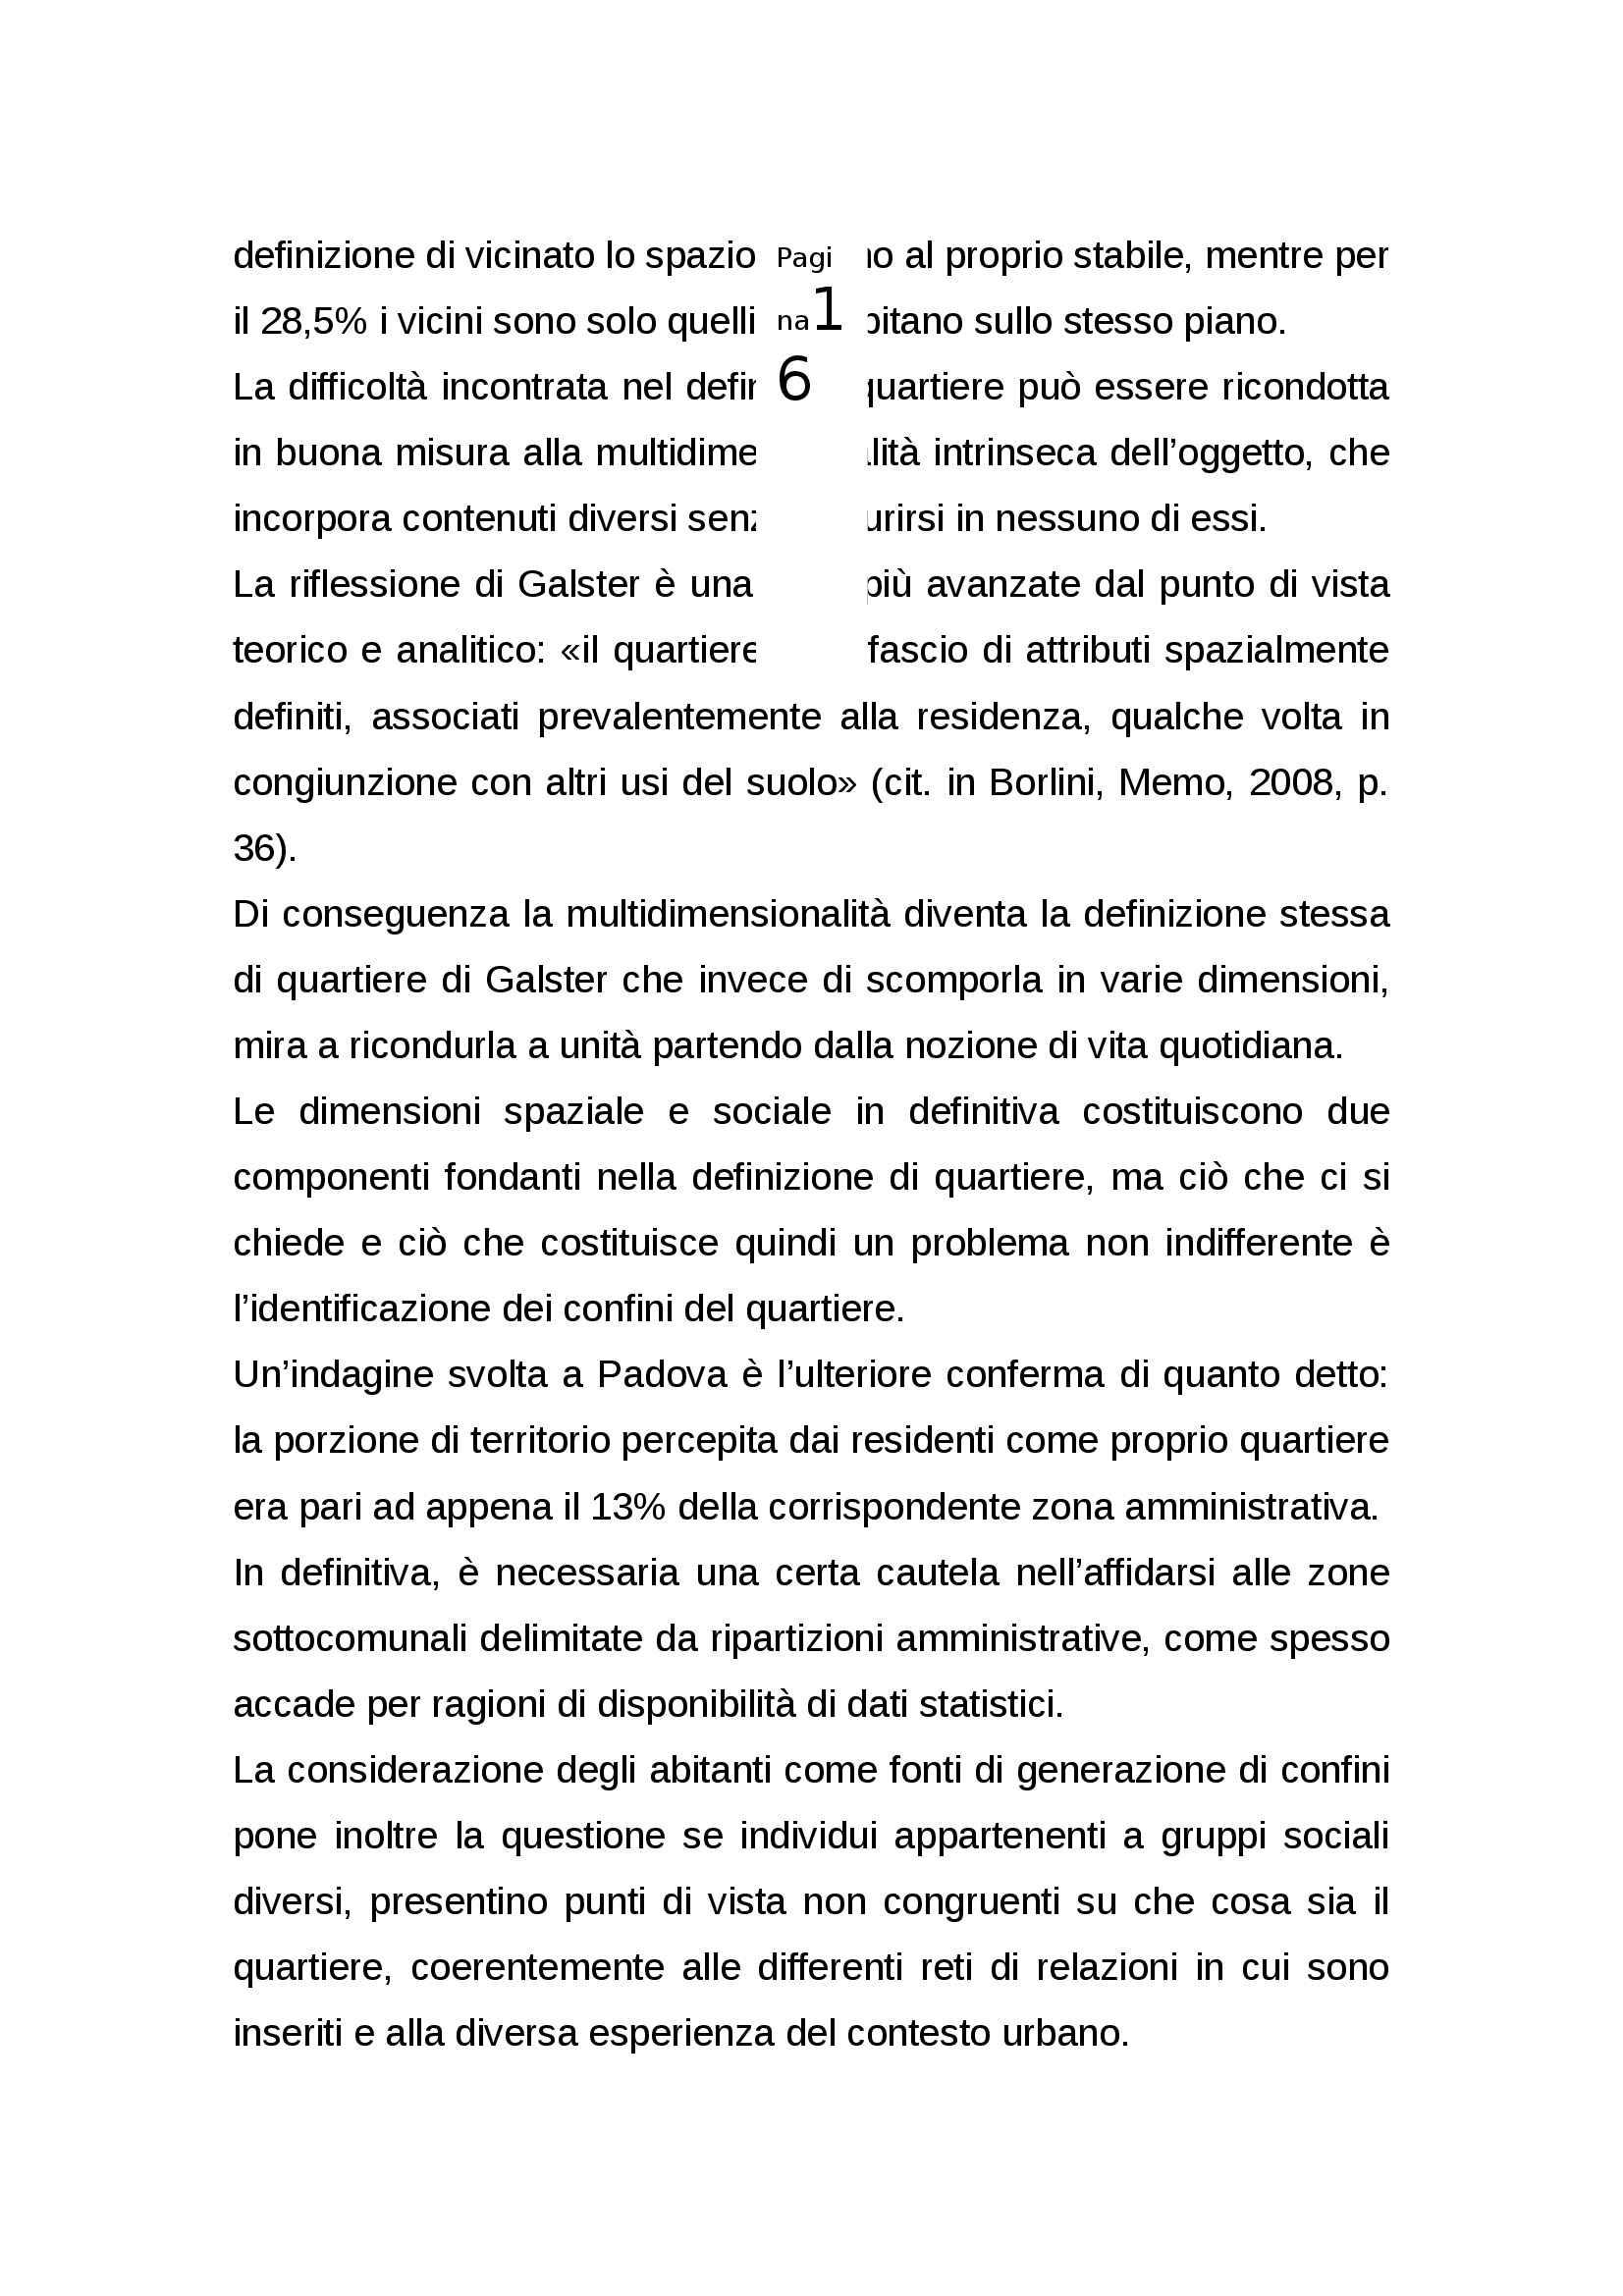 Tesi  - Nuove identità nei quartieri della città contemporanea Pag. 16